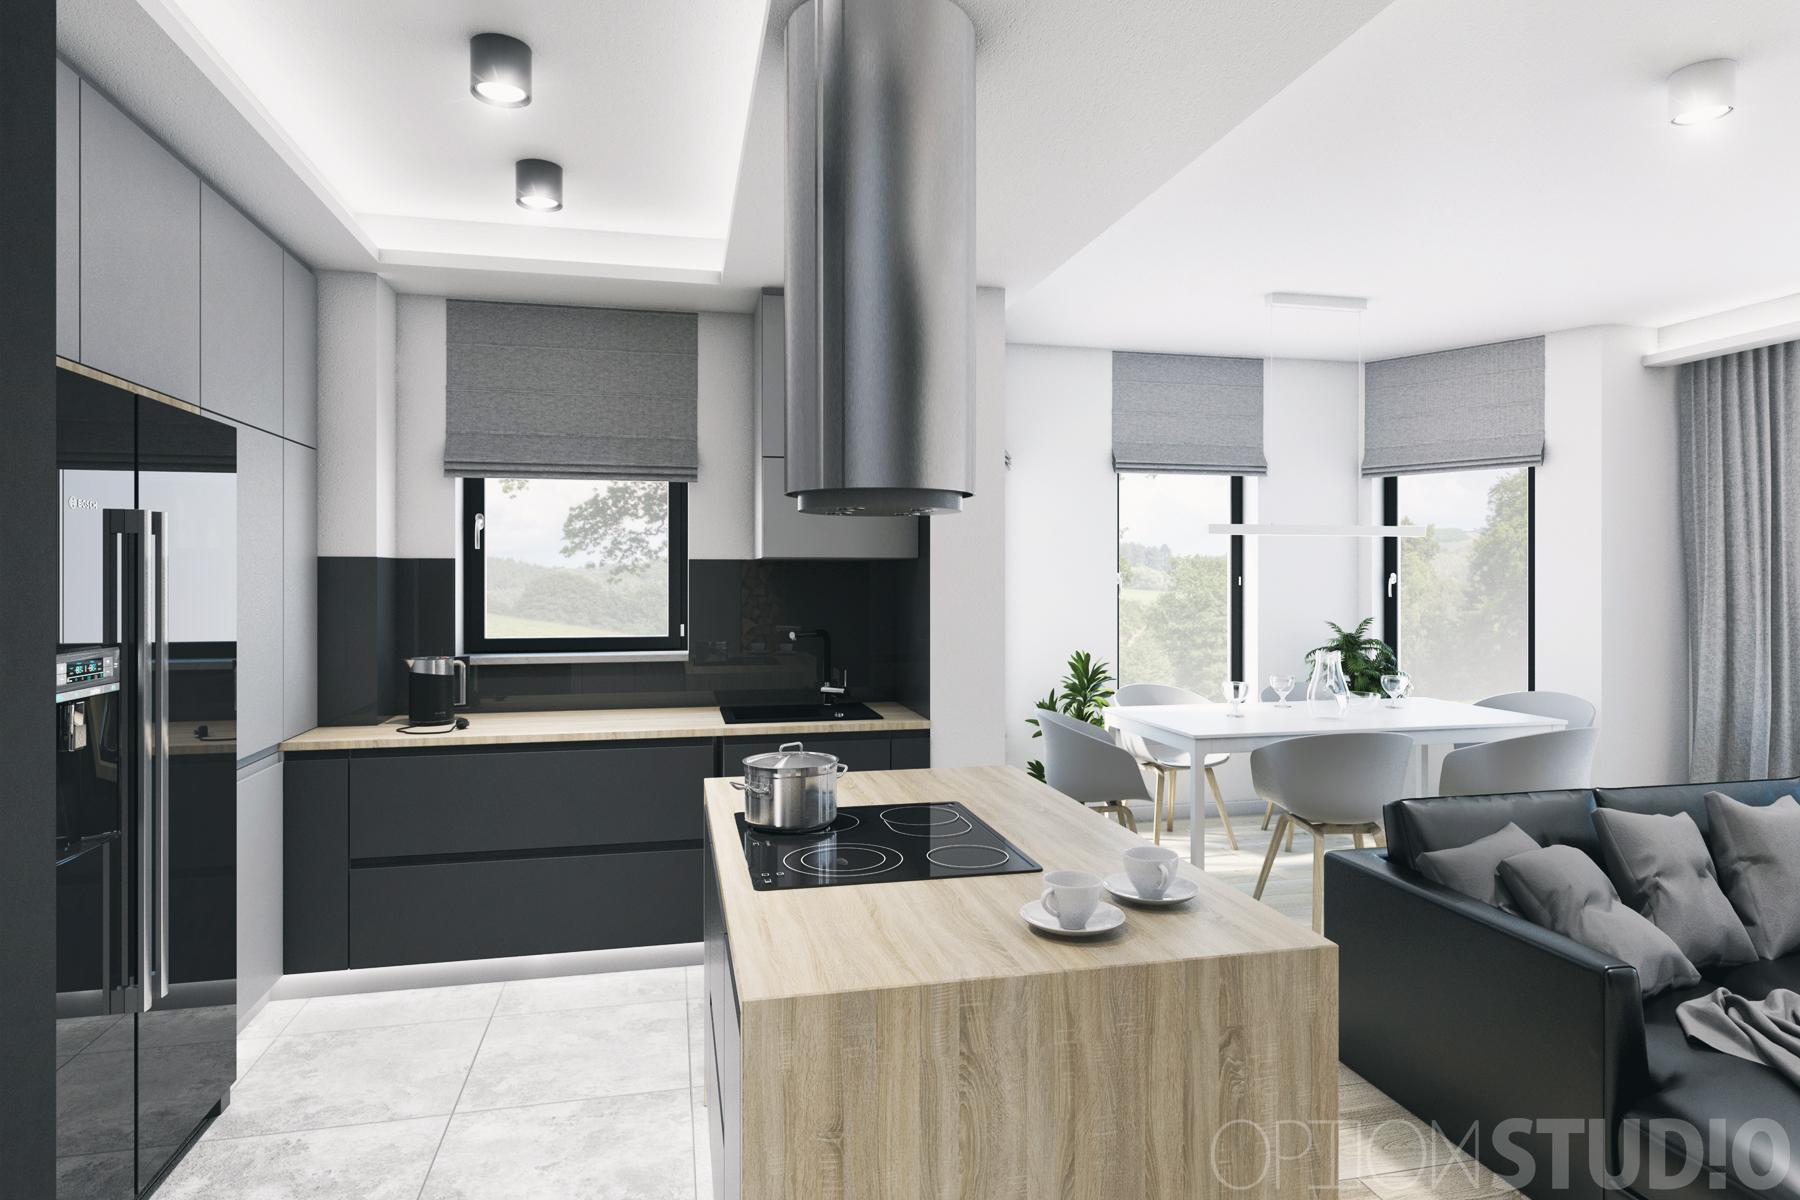 Architekt wnętrz – projekty wnętrz nowoczesnych – Łódź – salon z kominkiem i otwarta kuchnia z wyspą 1